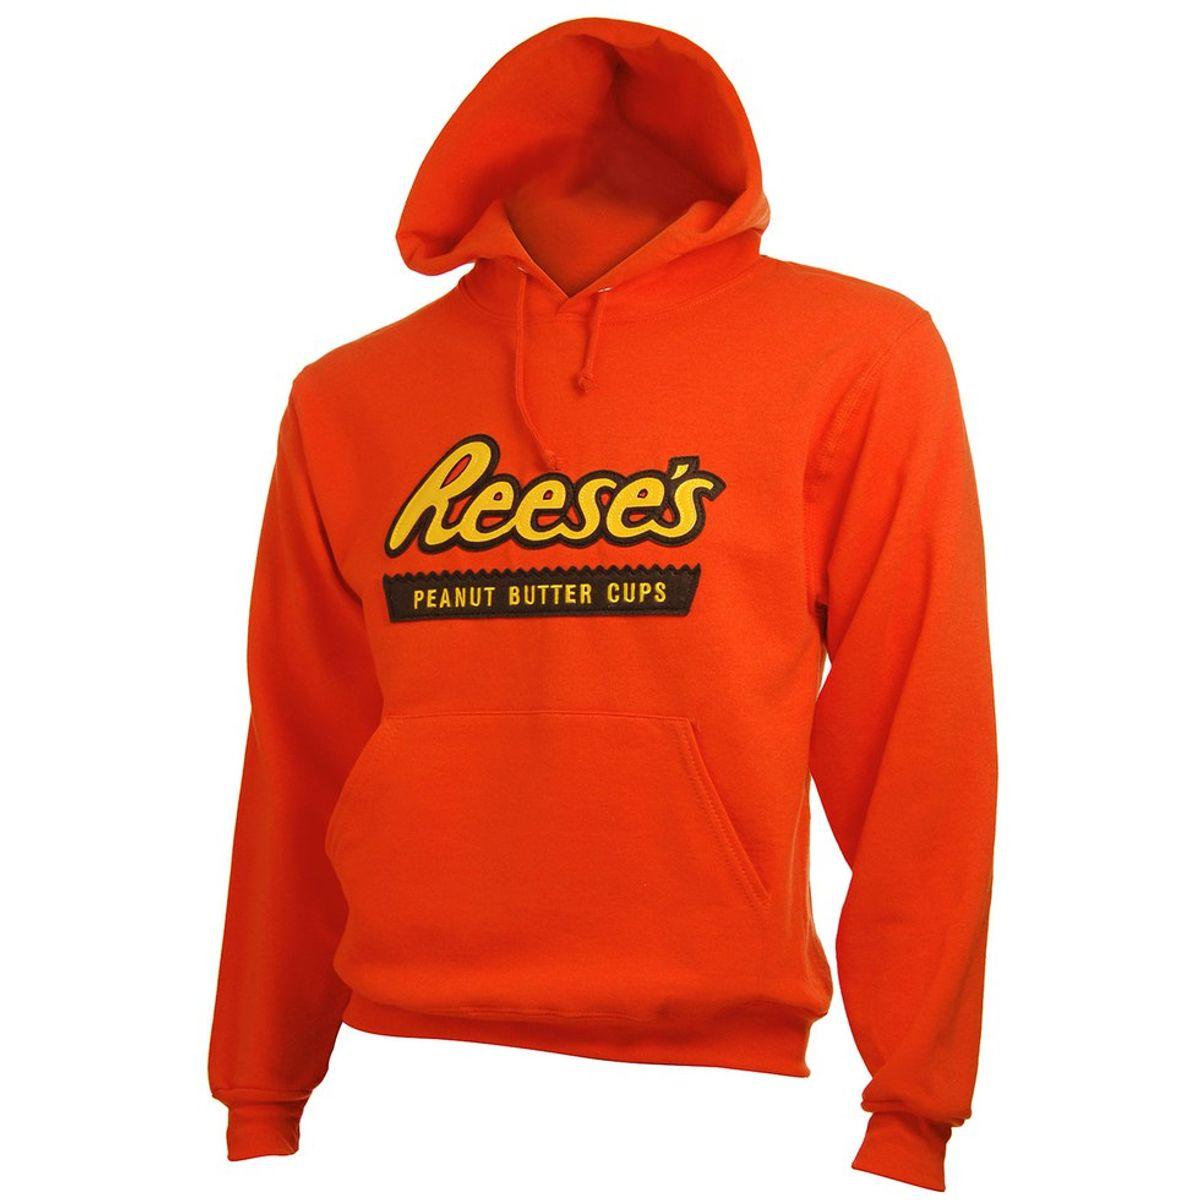 10 Sweatshirts You Need In Your Life